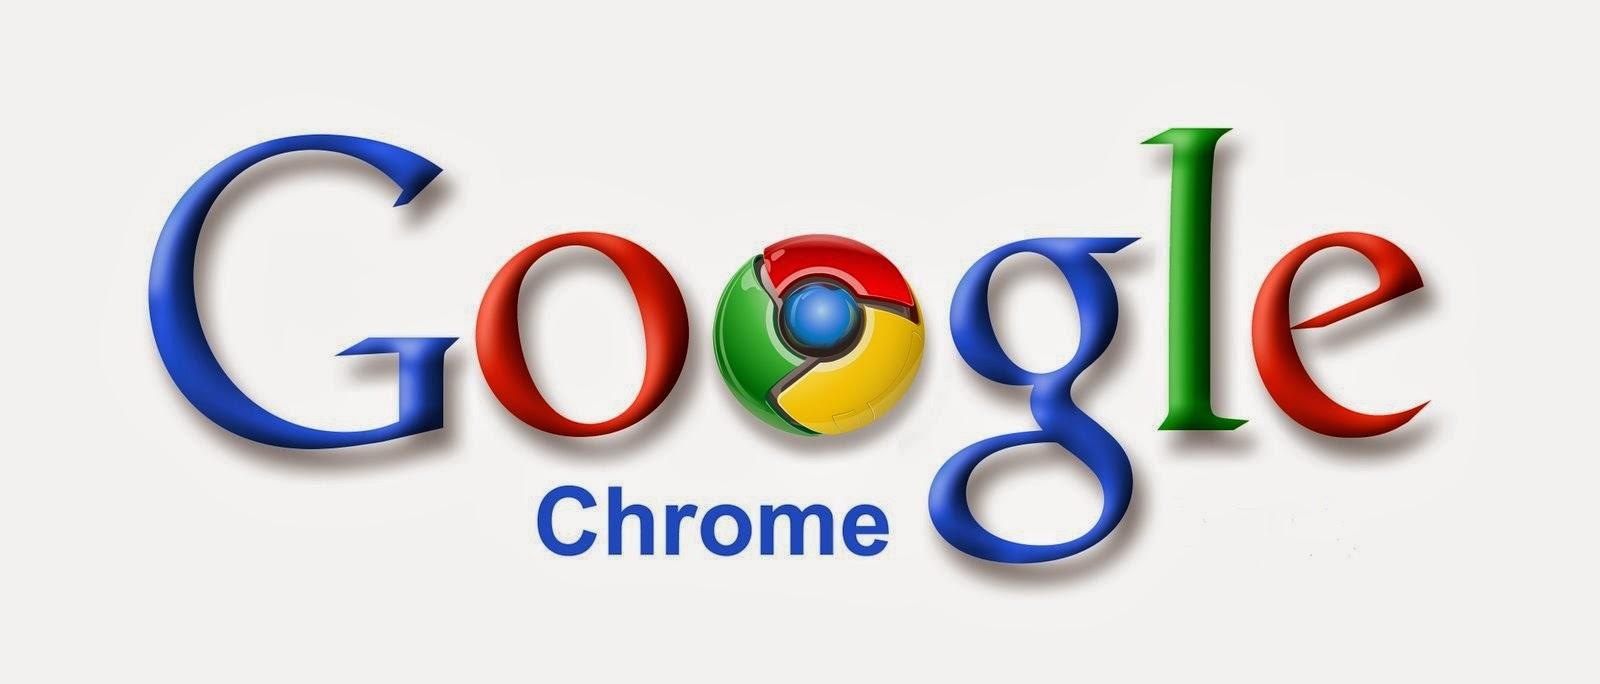 """تعرف على طريقة التحميل السريع للصور على """"جوجل كروم""""..!؟"""